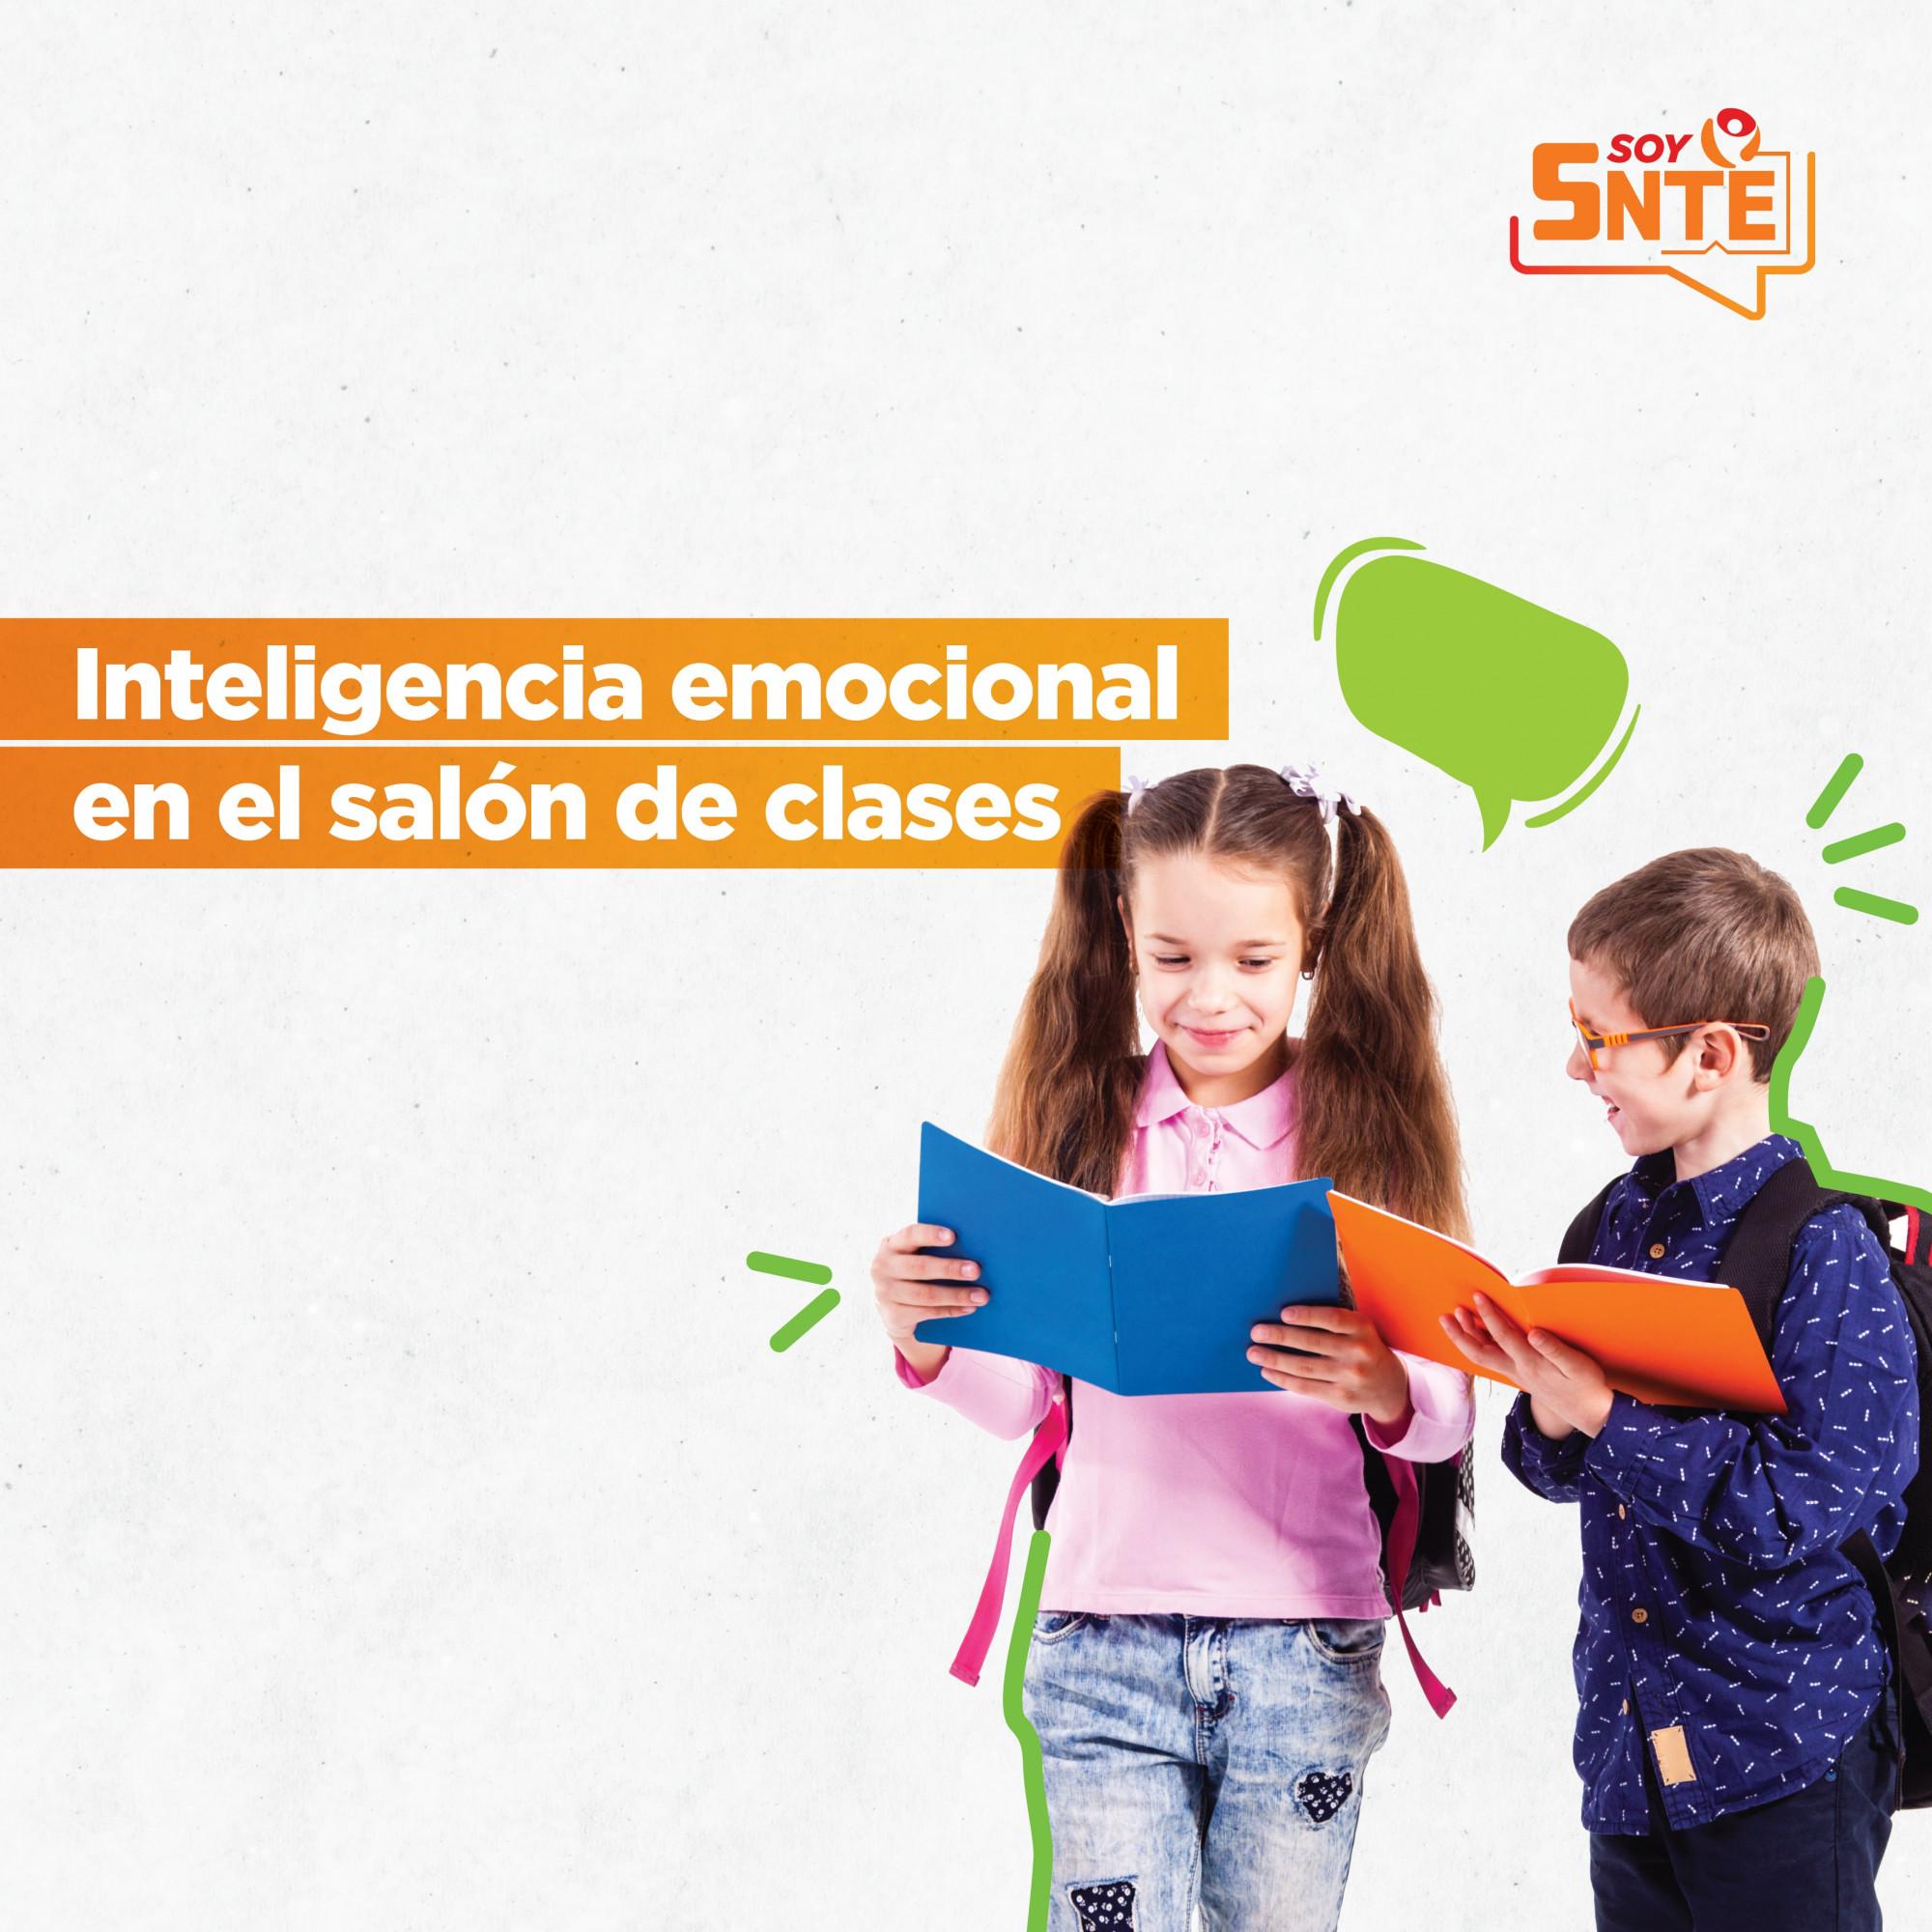 ¿Cómo desarrollar inteligencia emocional en los estudiantes?